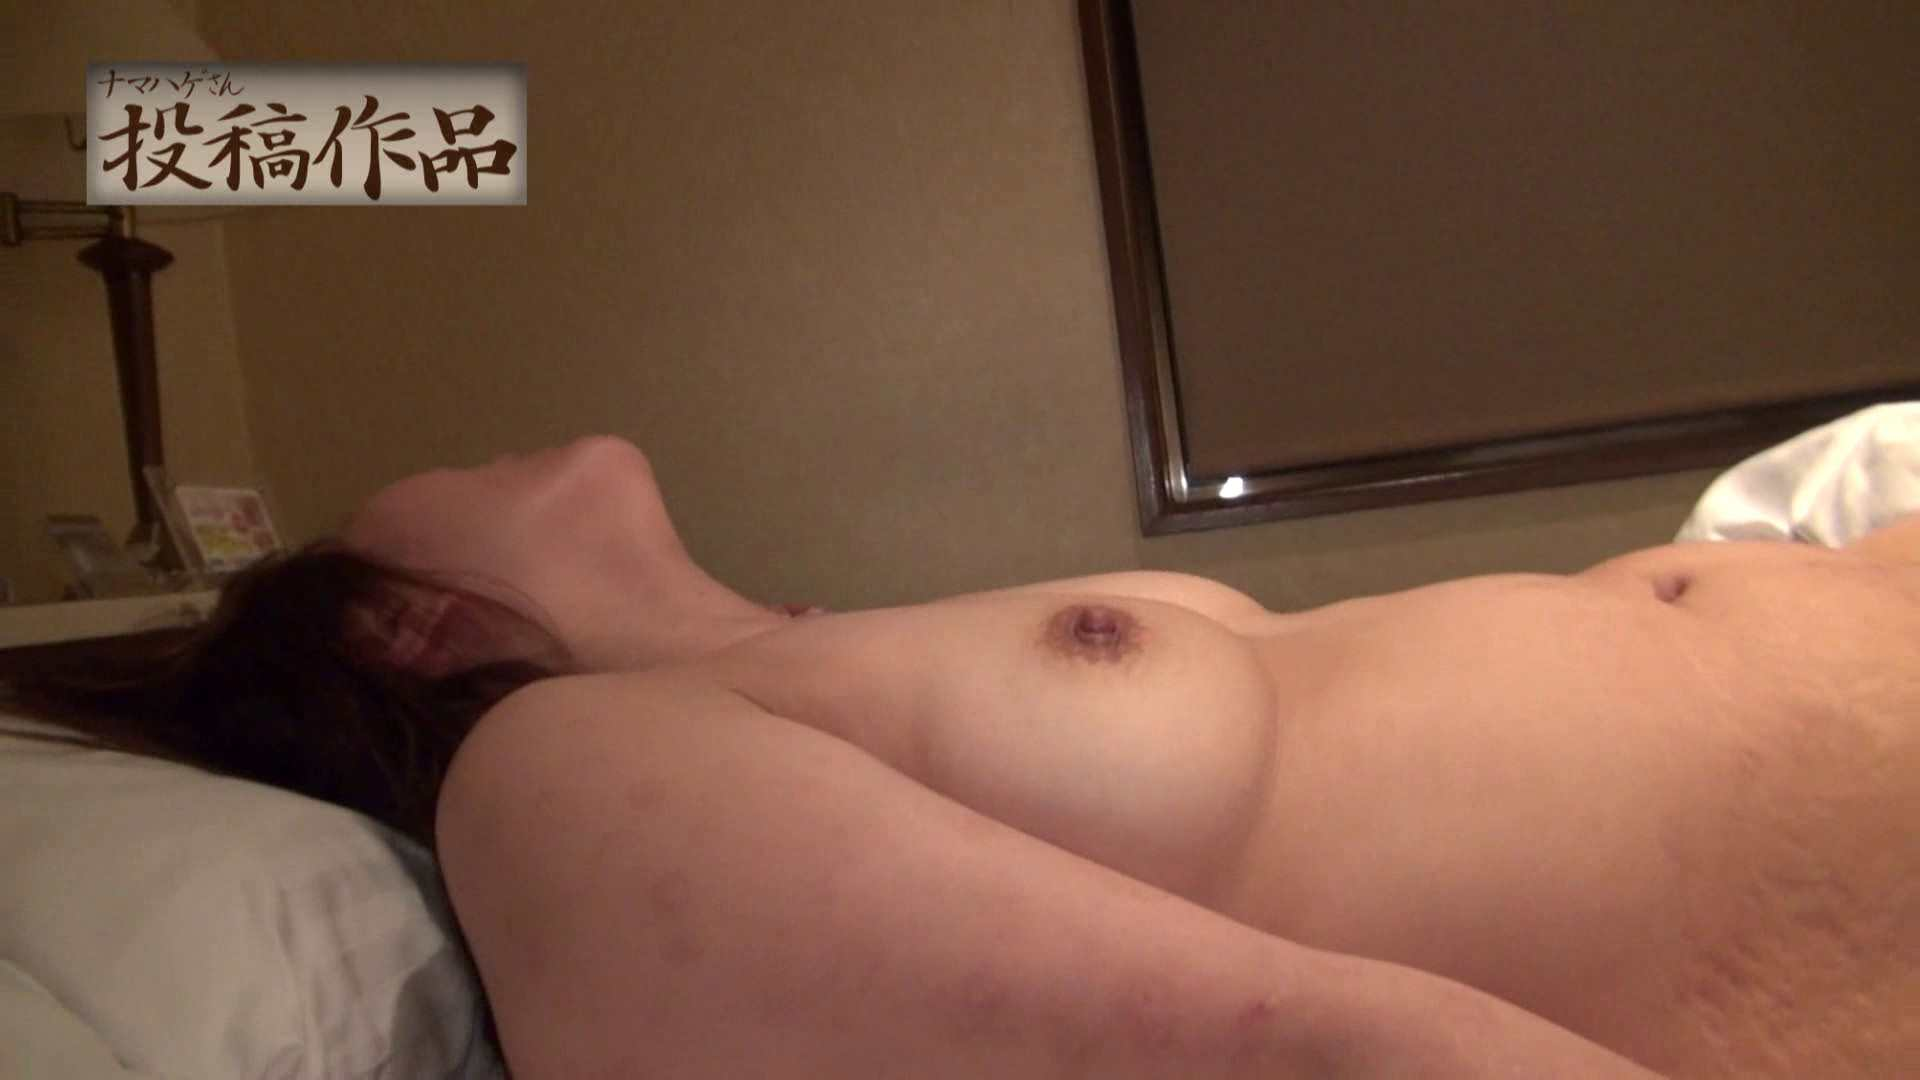 ナマハゲさんのまんこコレクション第二章 nobu 02 0  84連発 12